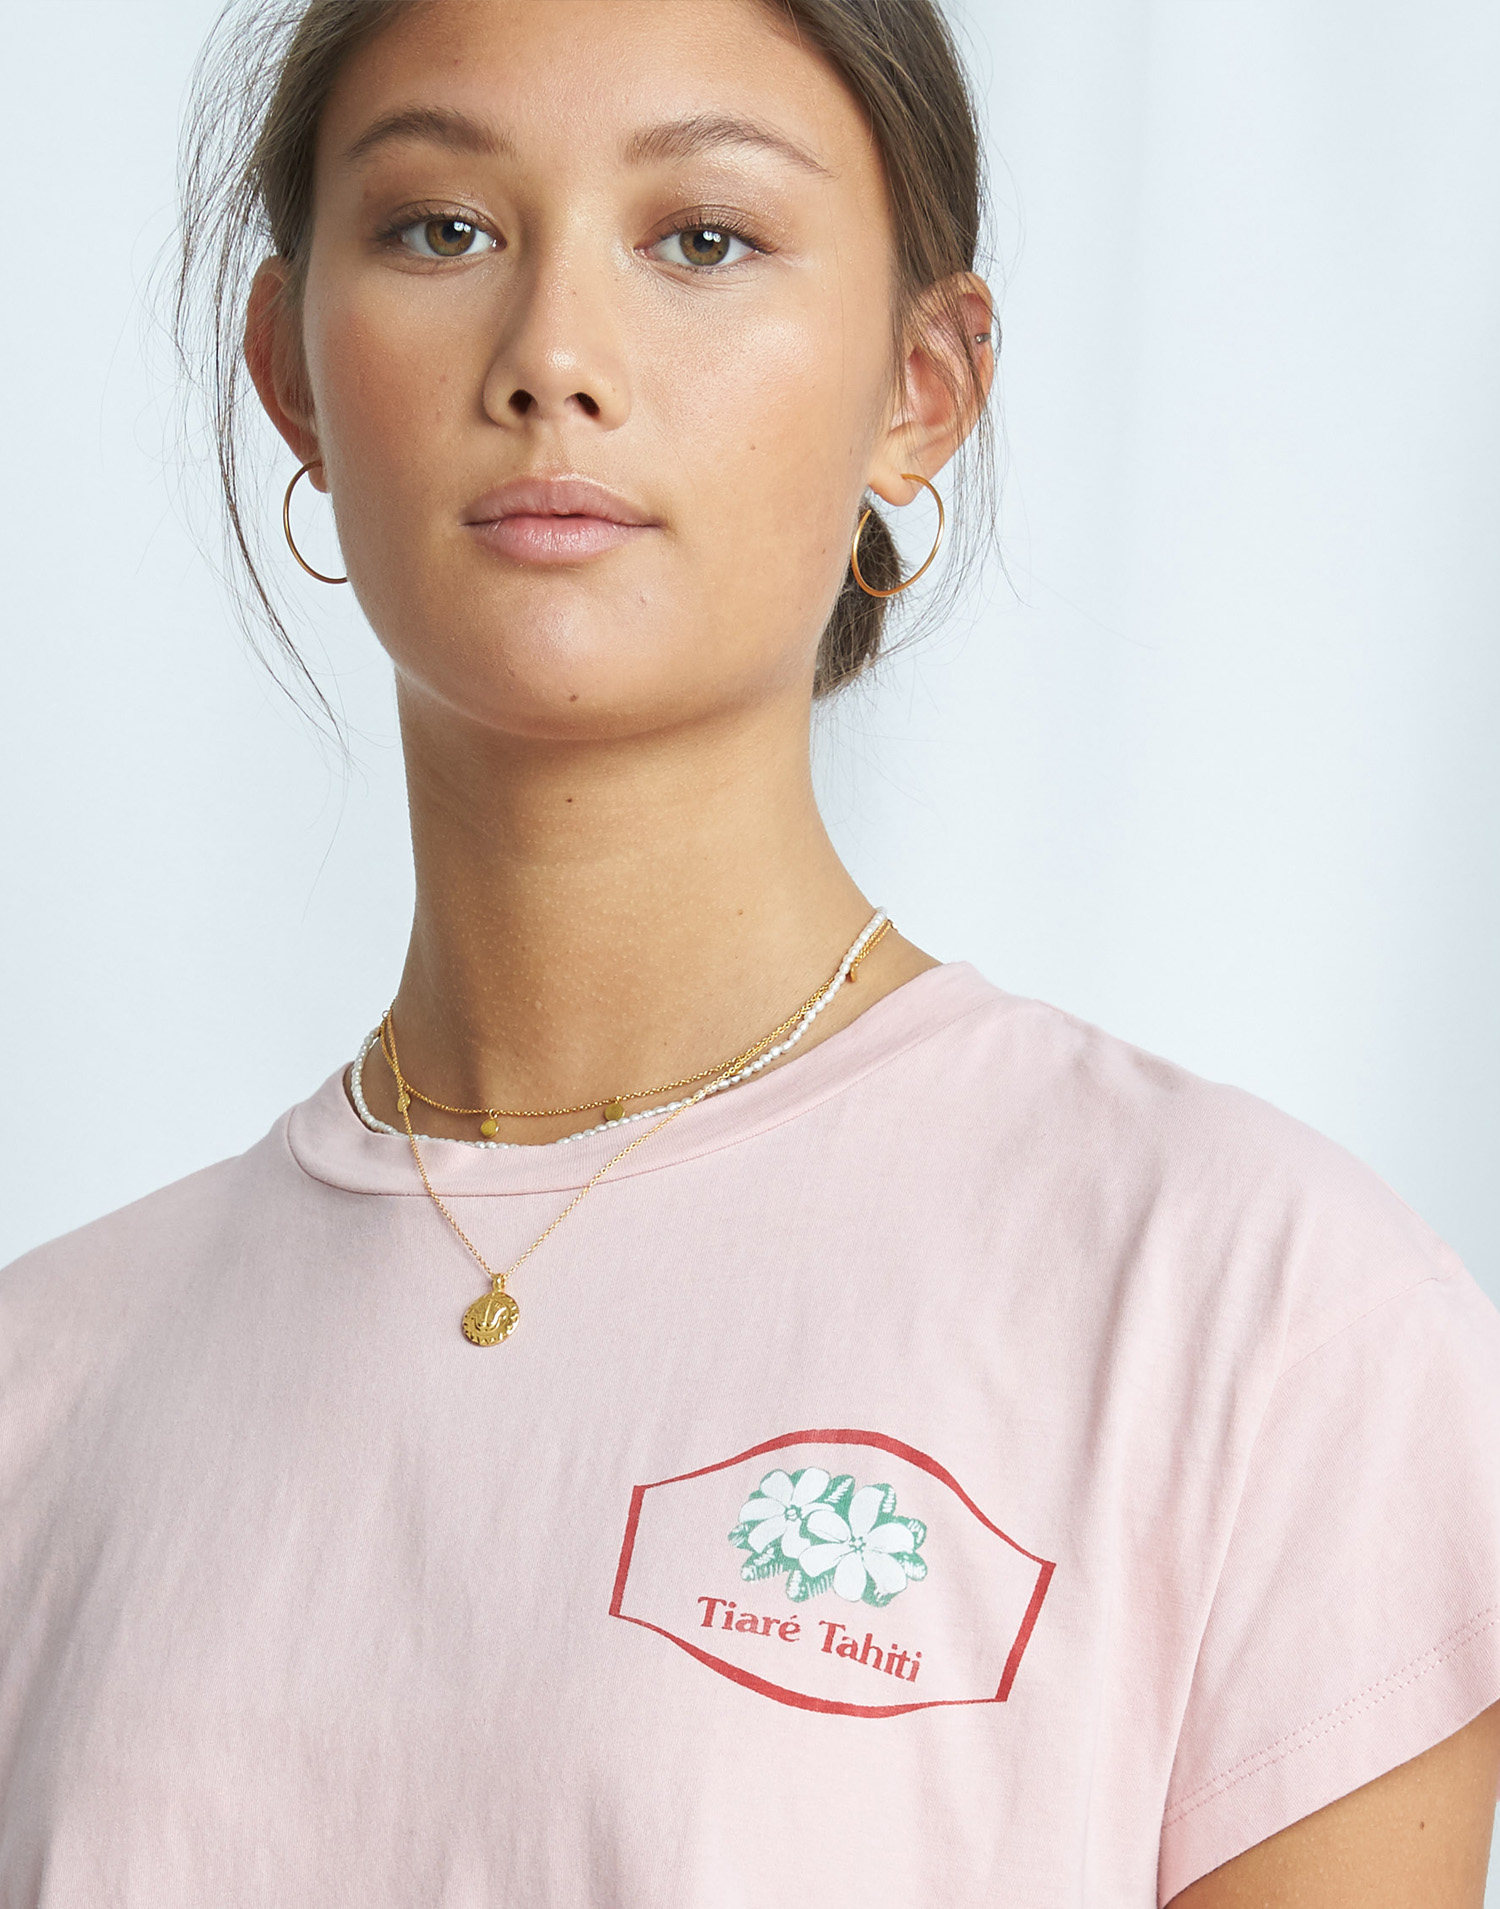 Tahiti organic t-shirt